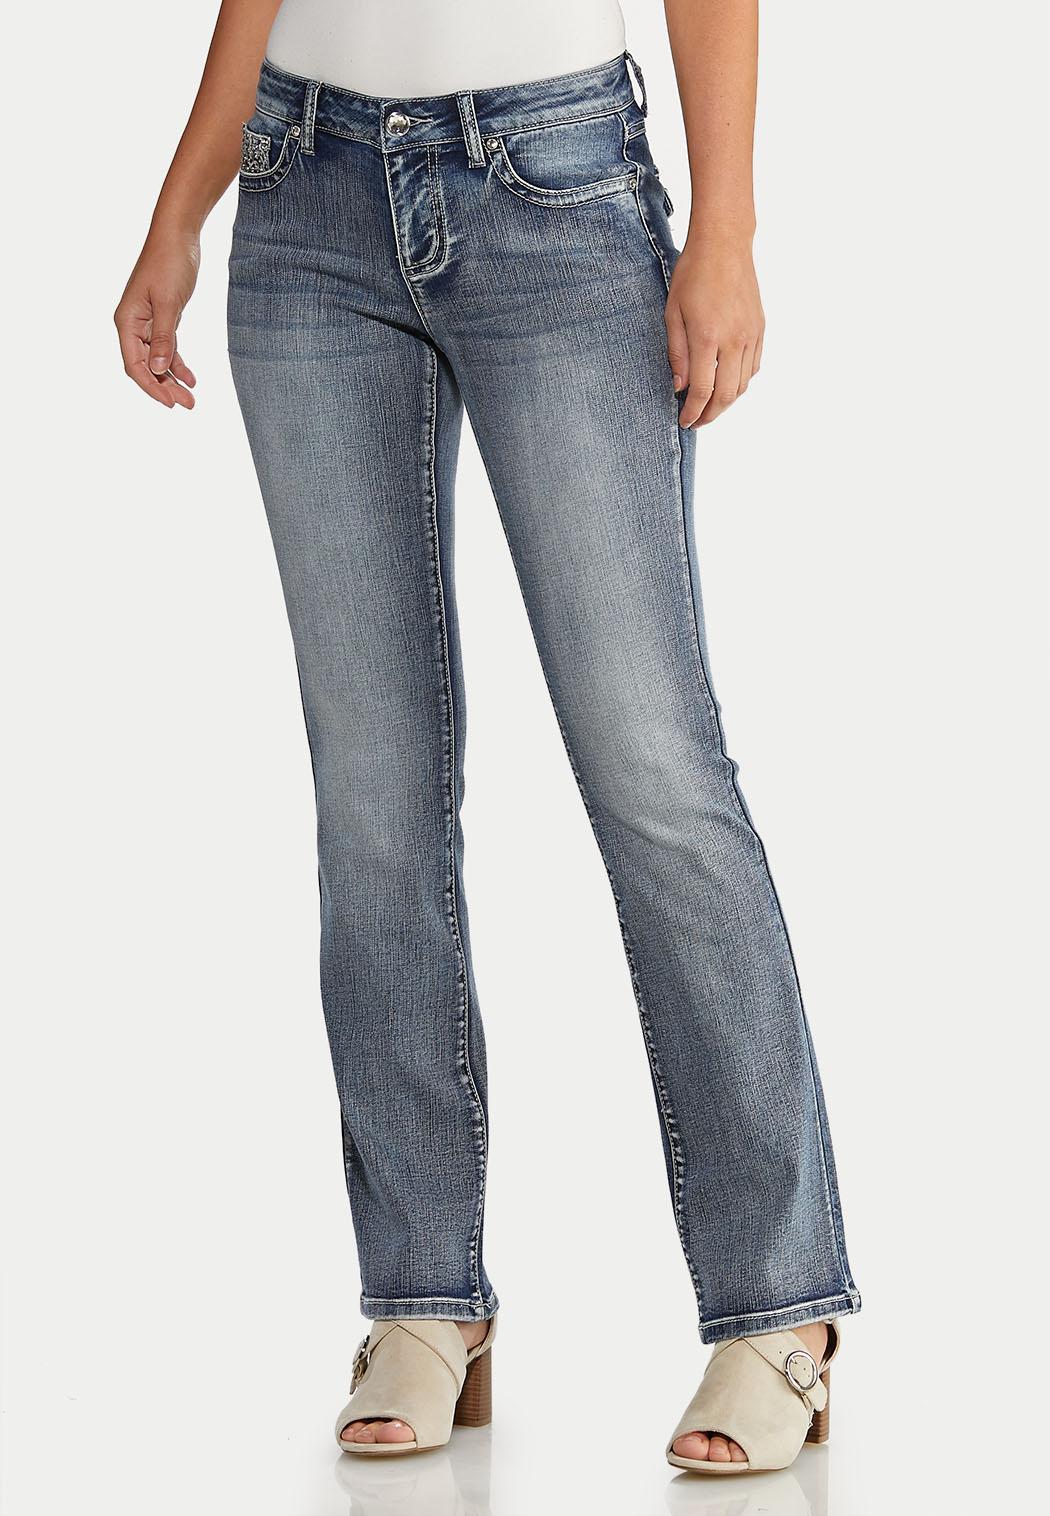 Floral Studded Jeans (Item #43943021)